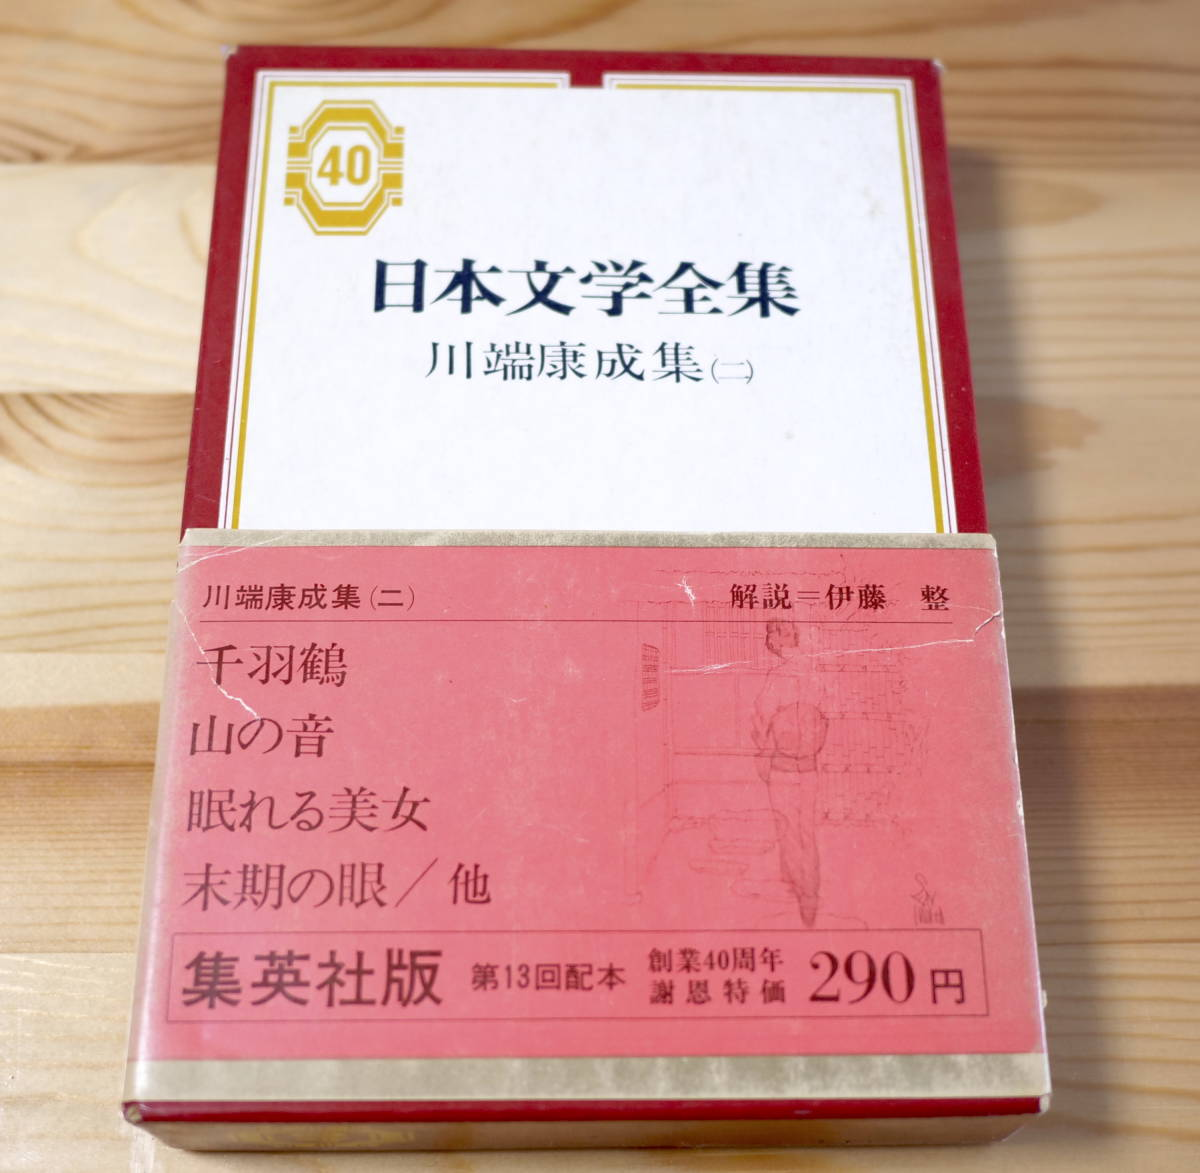 日本文学全集 40 川端康成集(二)集英社版 昭和42年